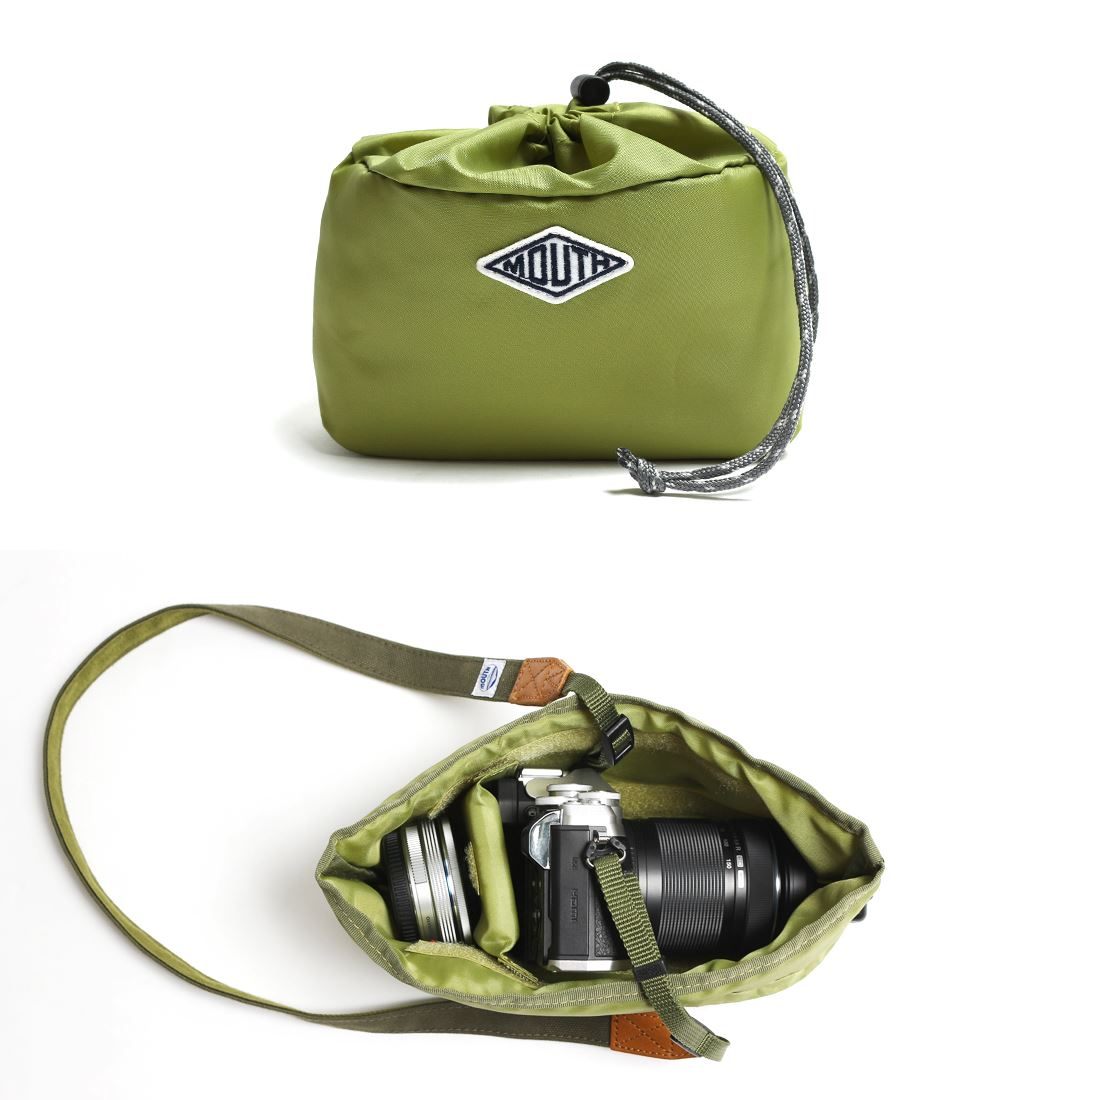 ウエストバッグ型カメラバッグ3